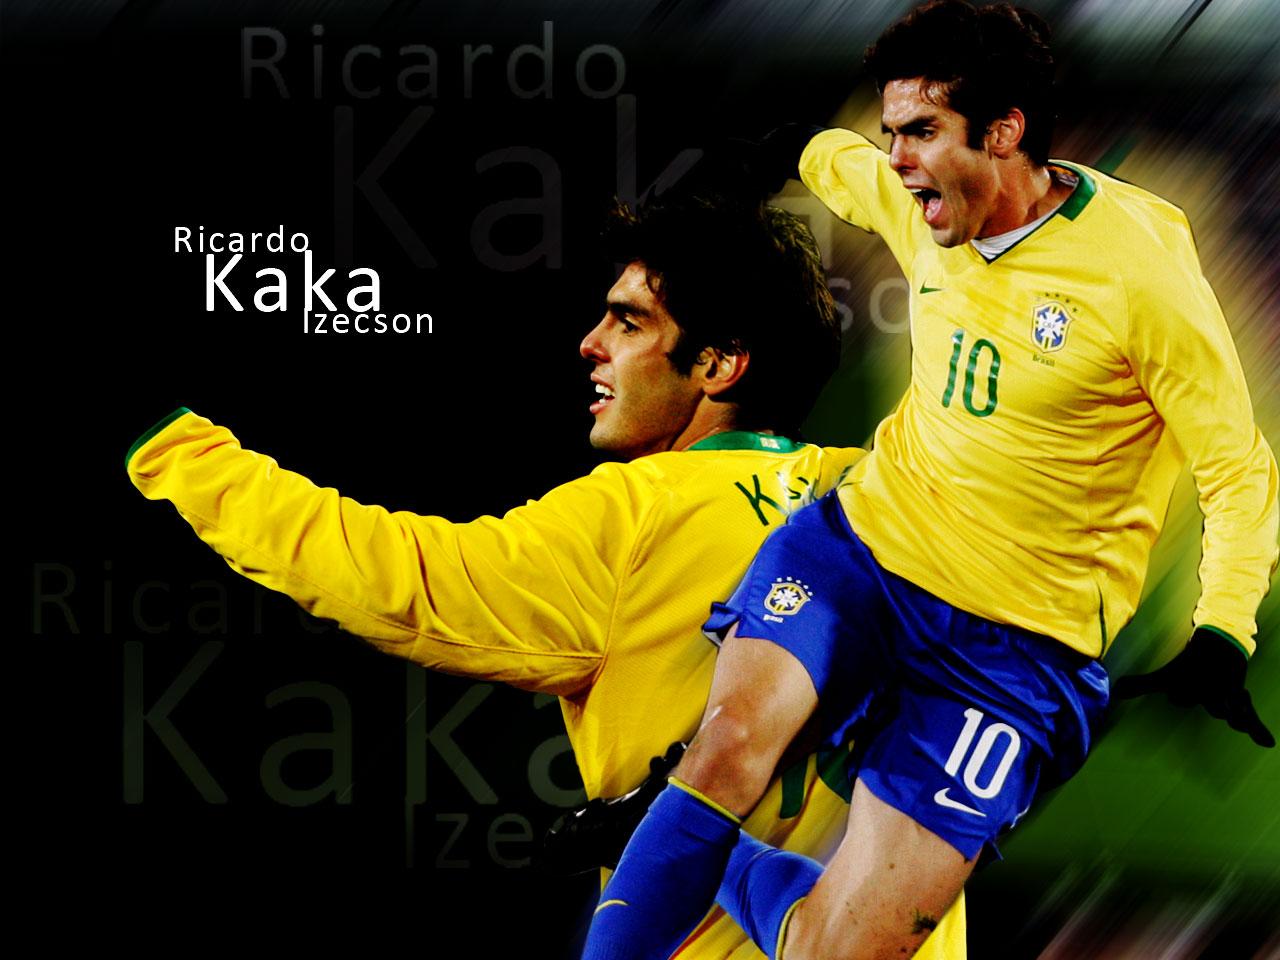 http://2.bp.blogspot.com/-TRAy1Ea1fZo/TwF1eA96M8I/AAAAAAAACbA/7zDhQBugxc0/s1600/kaka-brazil-2012-wallpaper.jpg